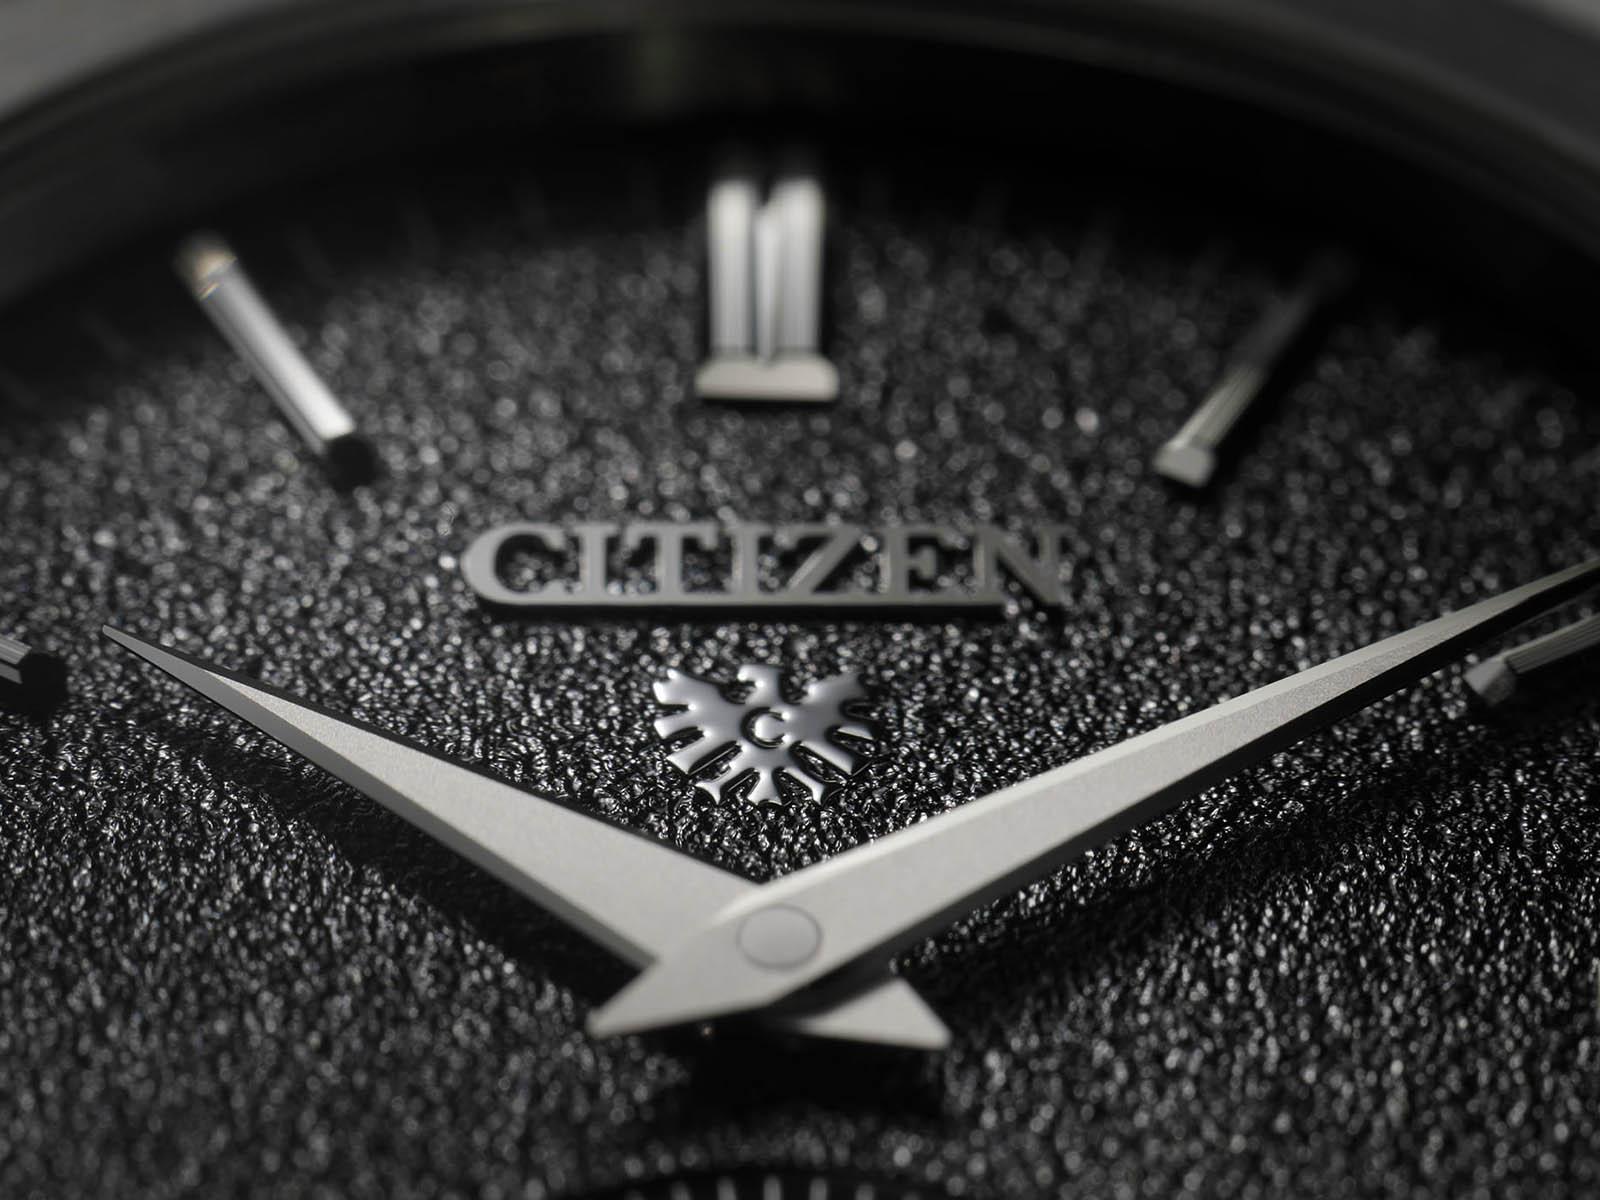 nc0200-90e-citizen-mechanical-model-caliber-0200-5.jpg